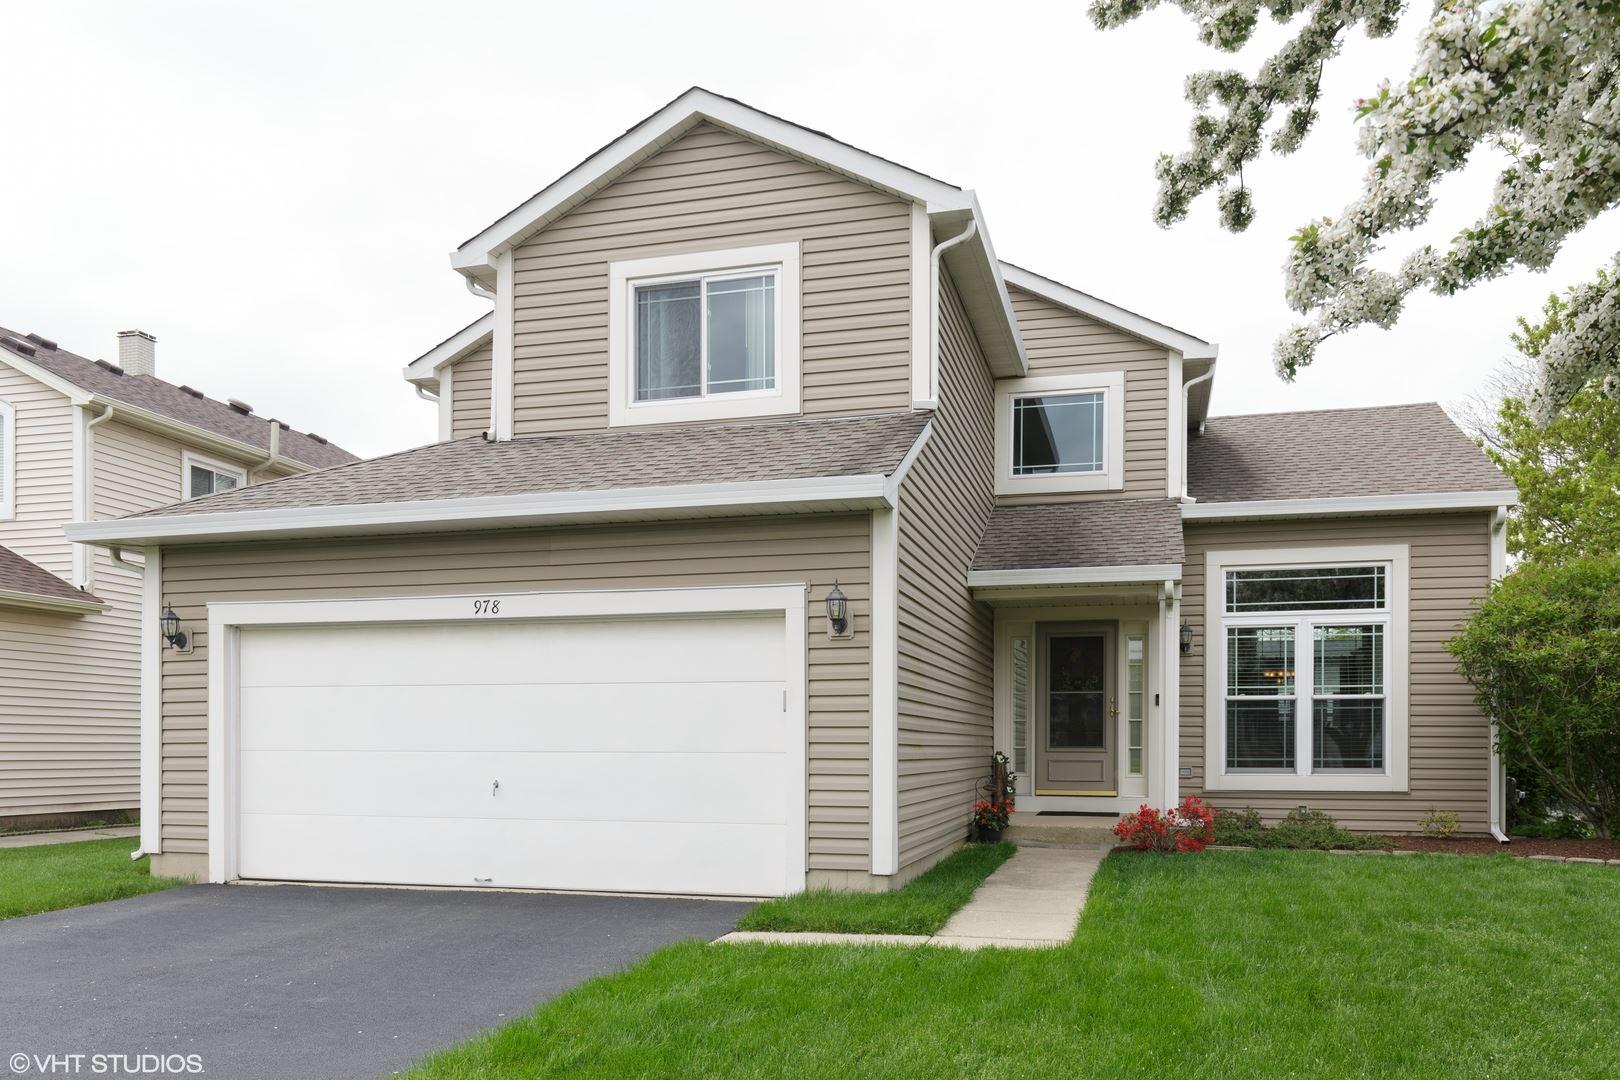 978 Tallgrass Drive, Bartlett, IL 60103 - #: 10712145